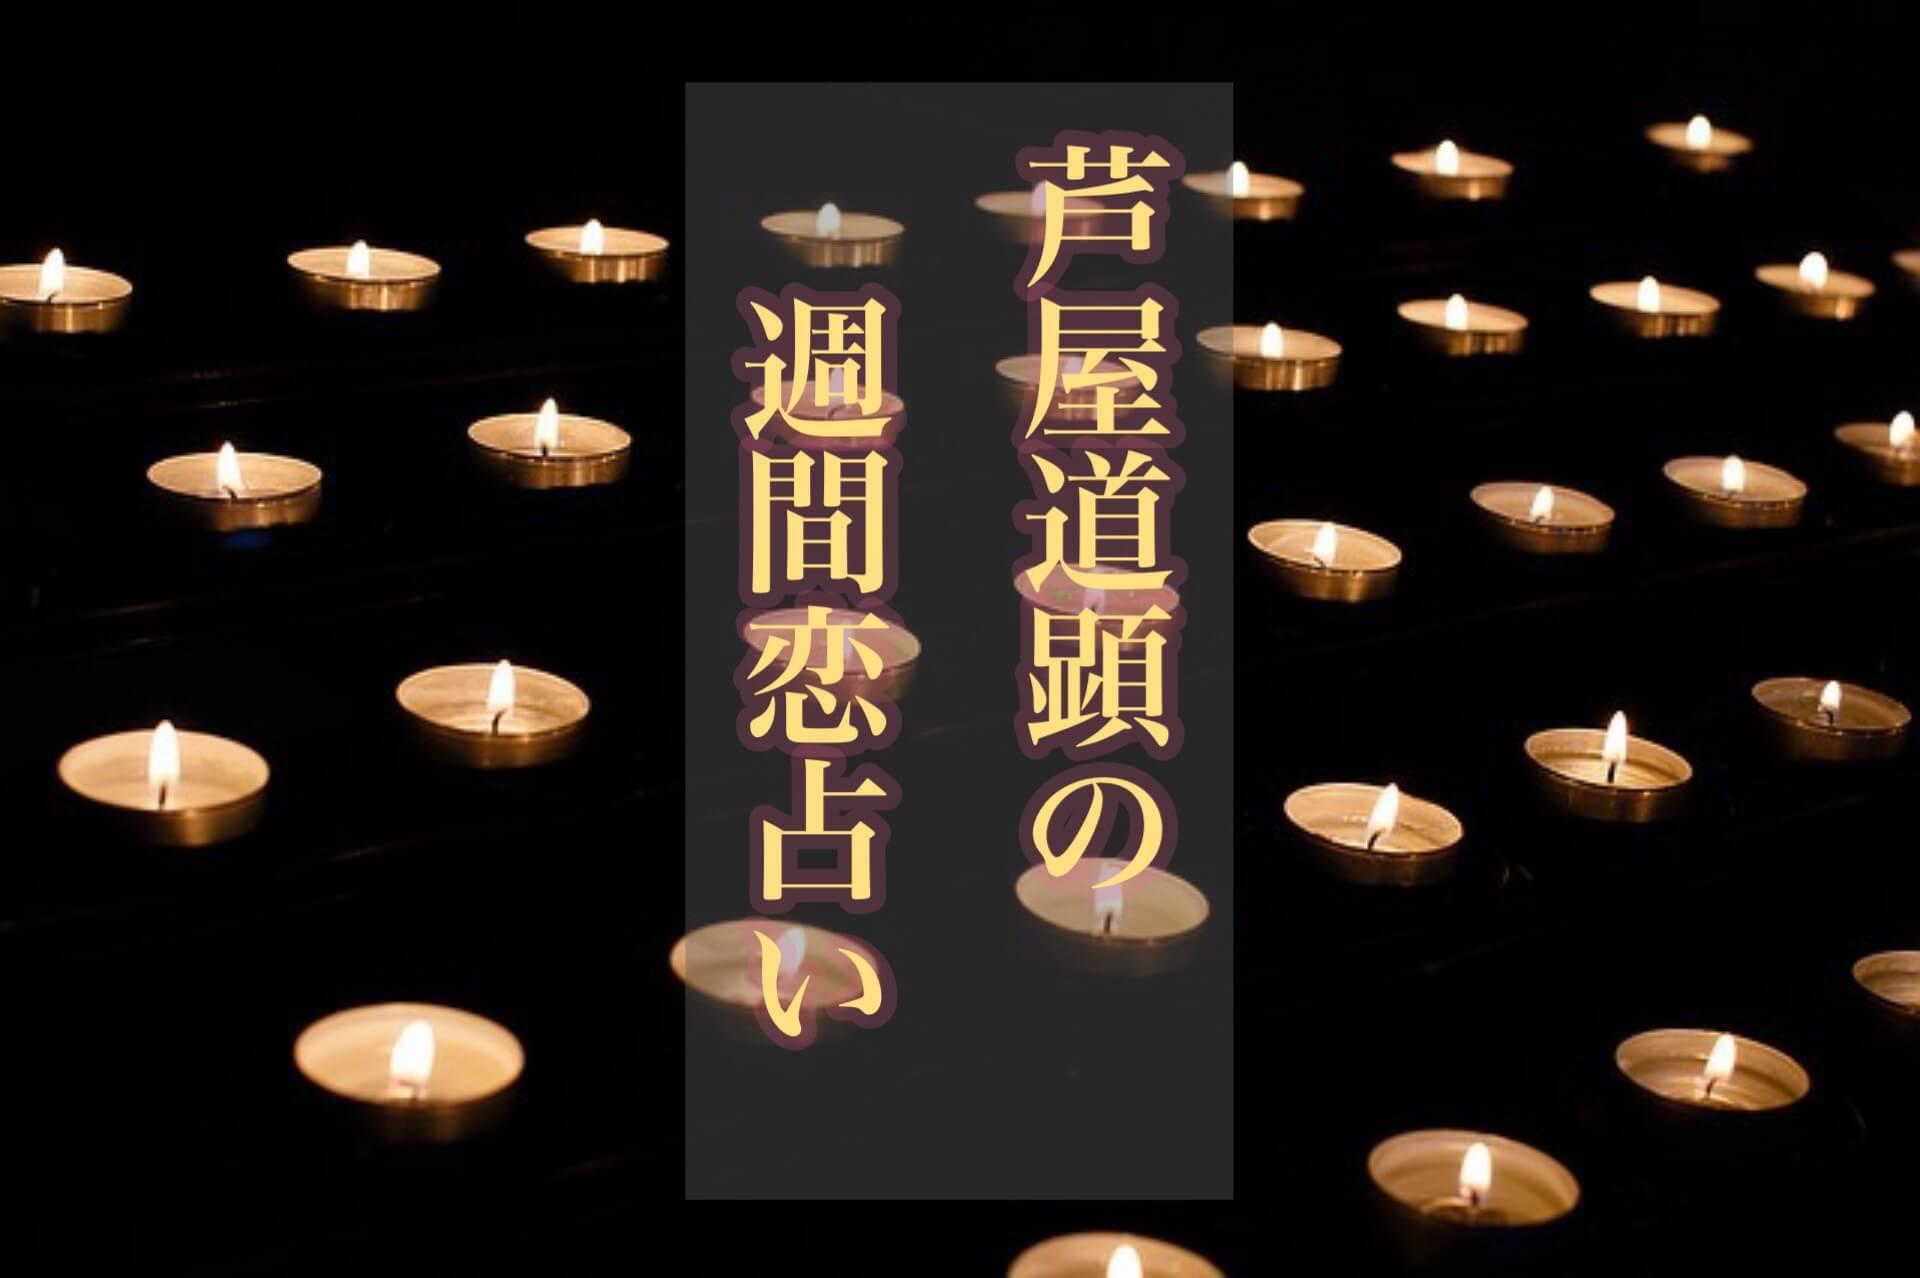 夏土用:7月22日-7月28日の恋愛運【芦屋道顕の音魂占い★2019年】